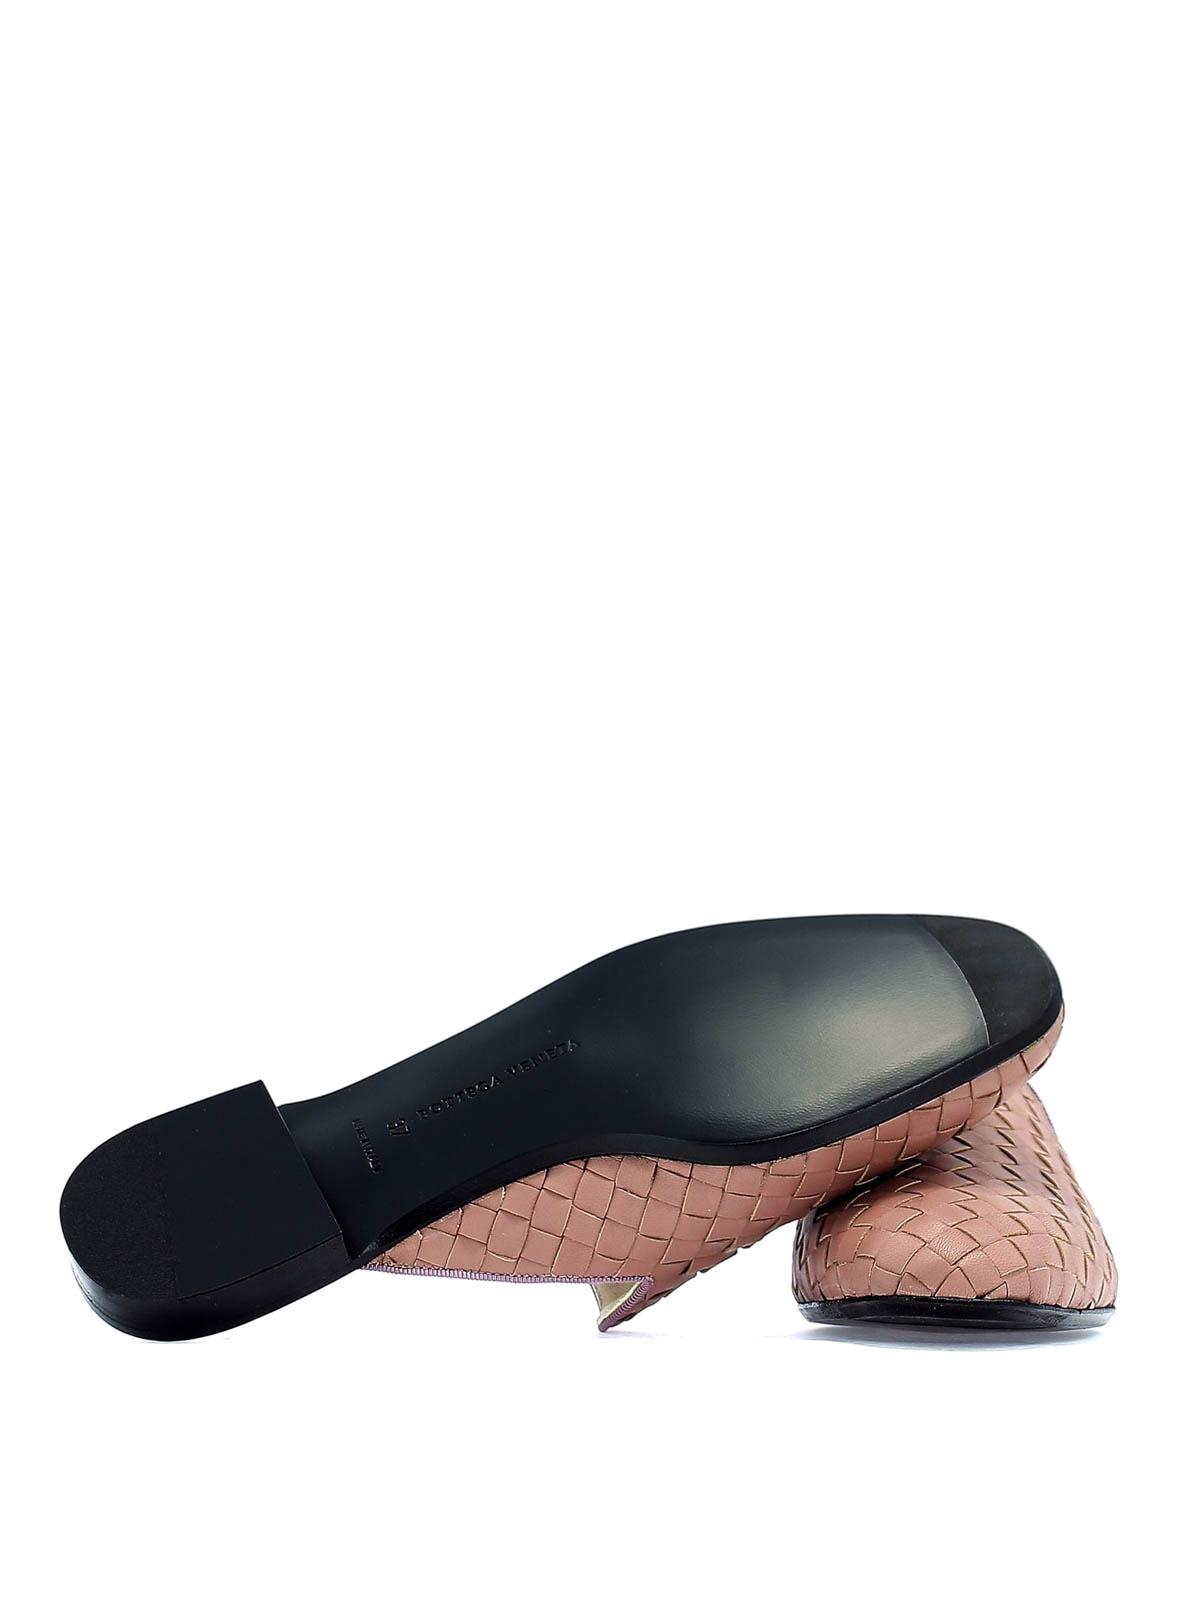 9758f8064ad Bottega Veneta - Fiandra Intrecciato nappa slippers - Loafers ...